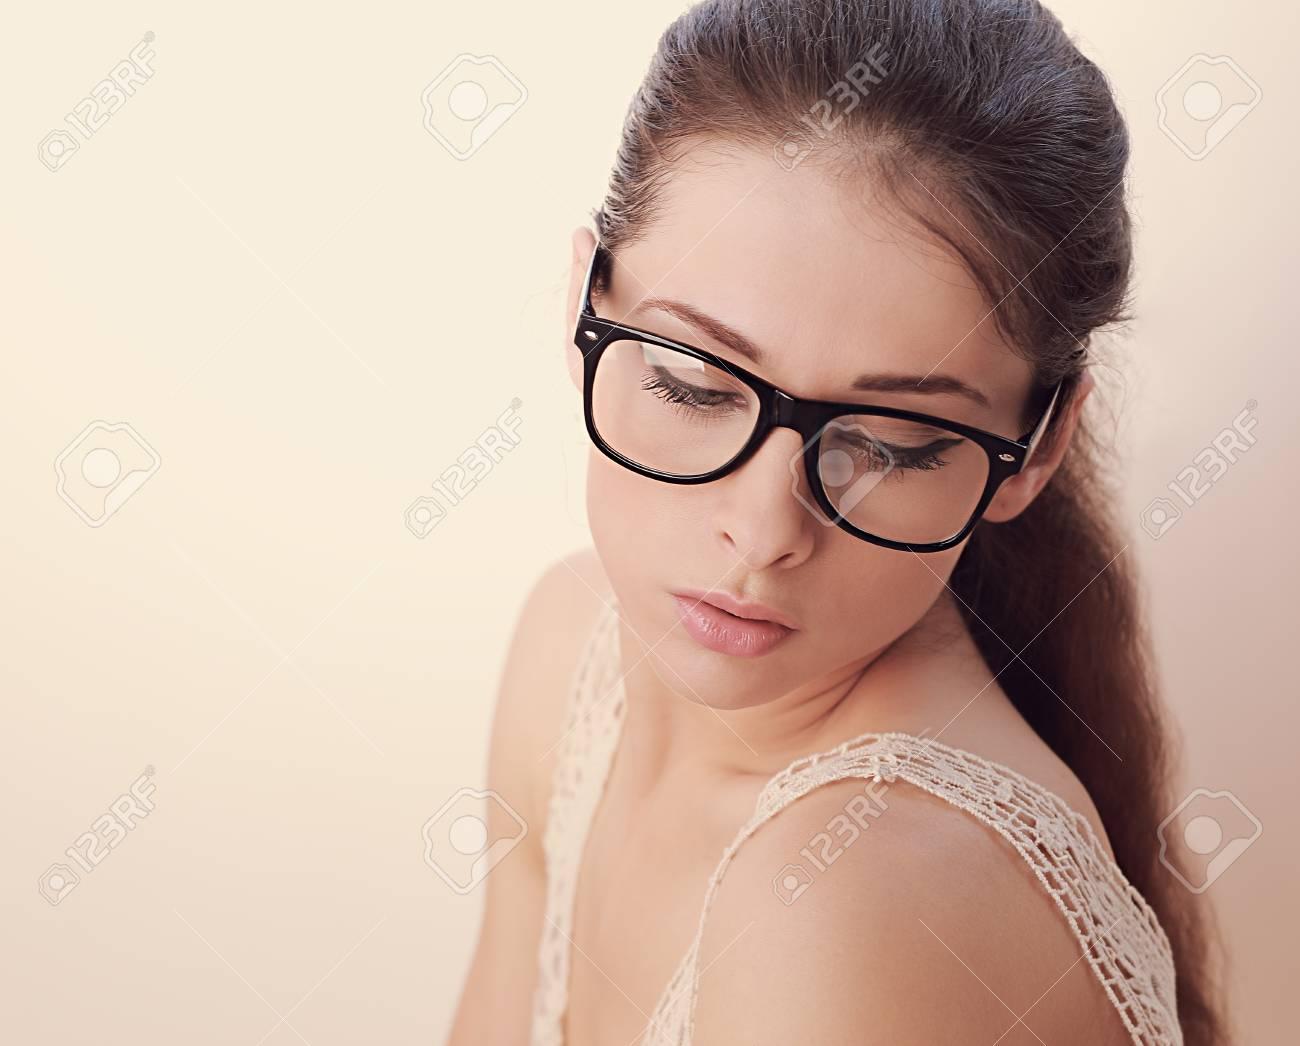 auf der Suche nach einer schönen Frau